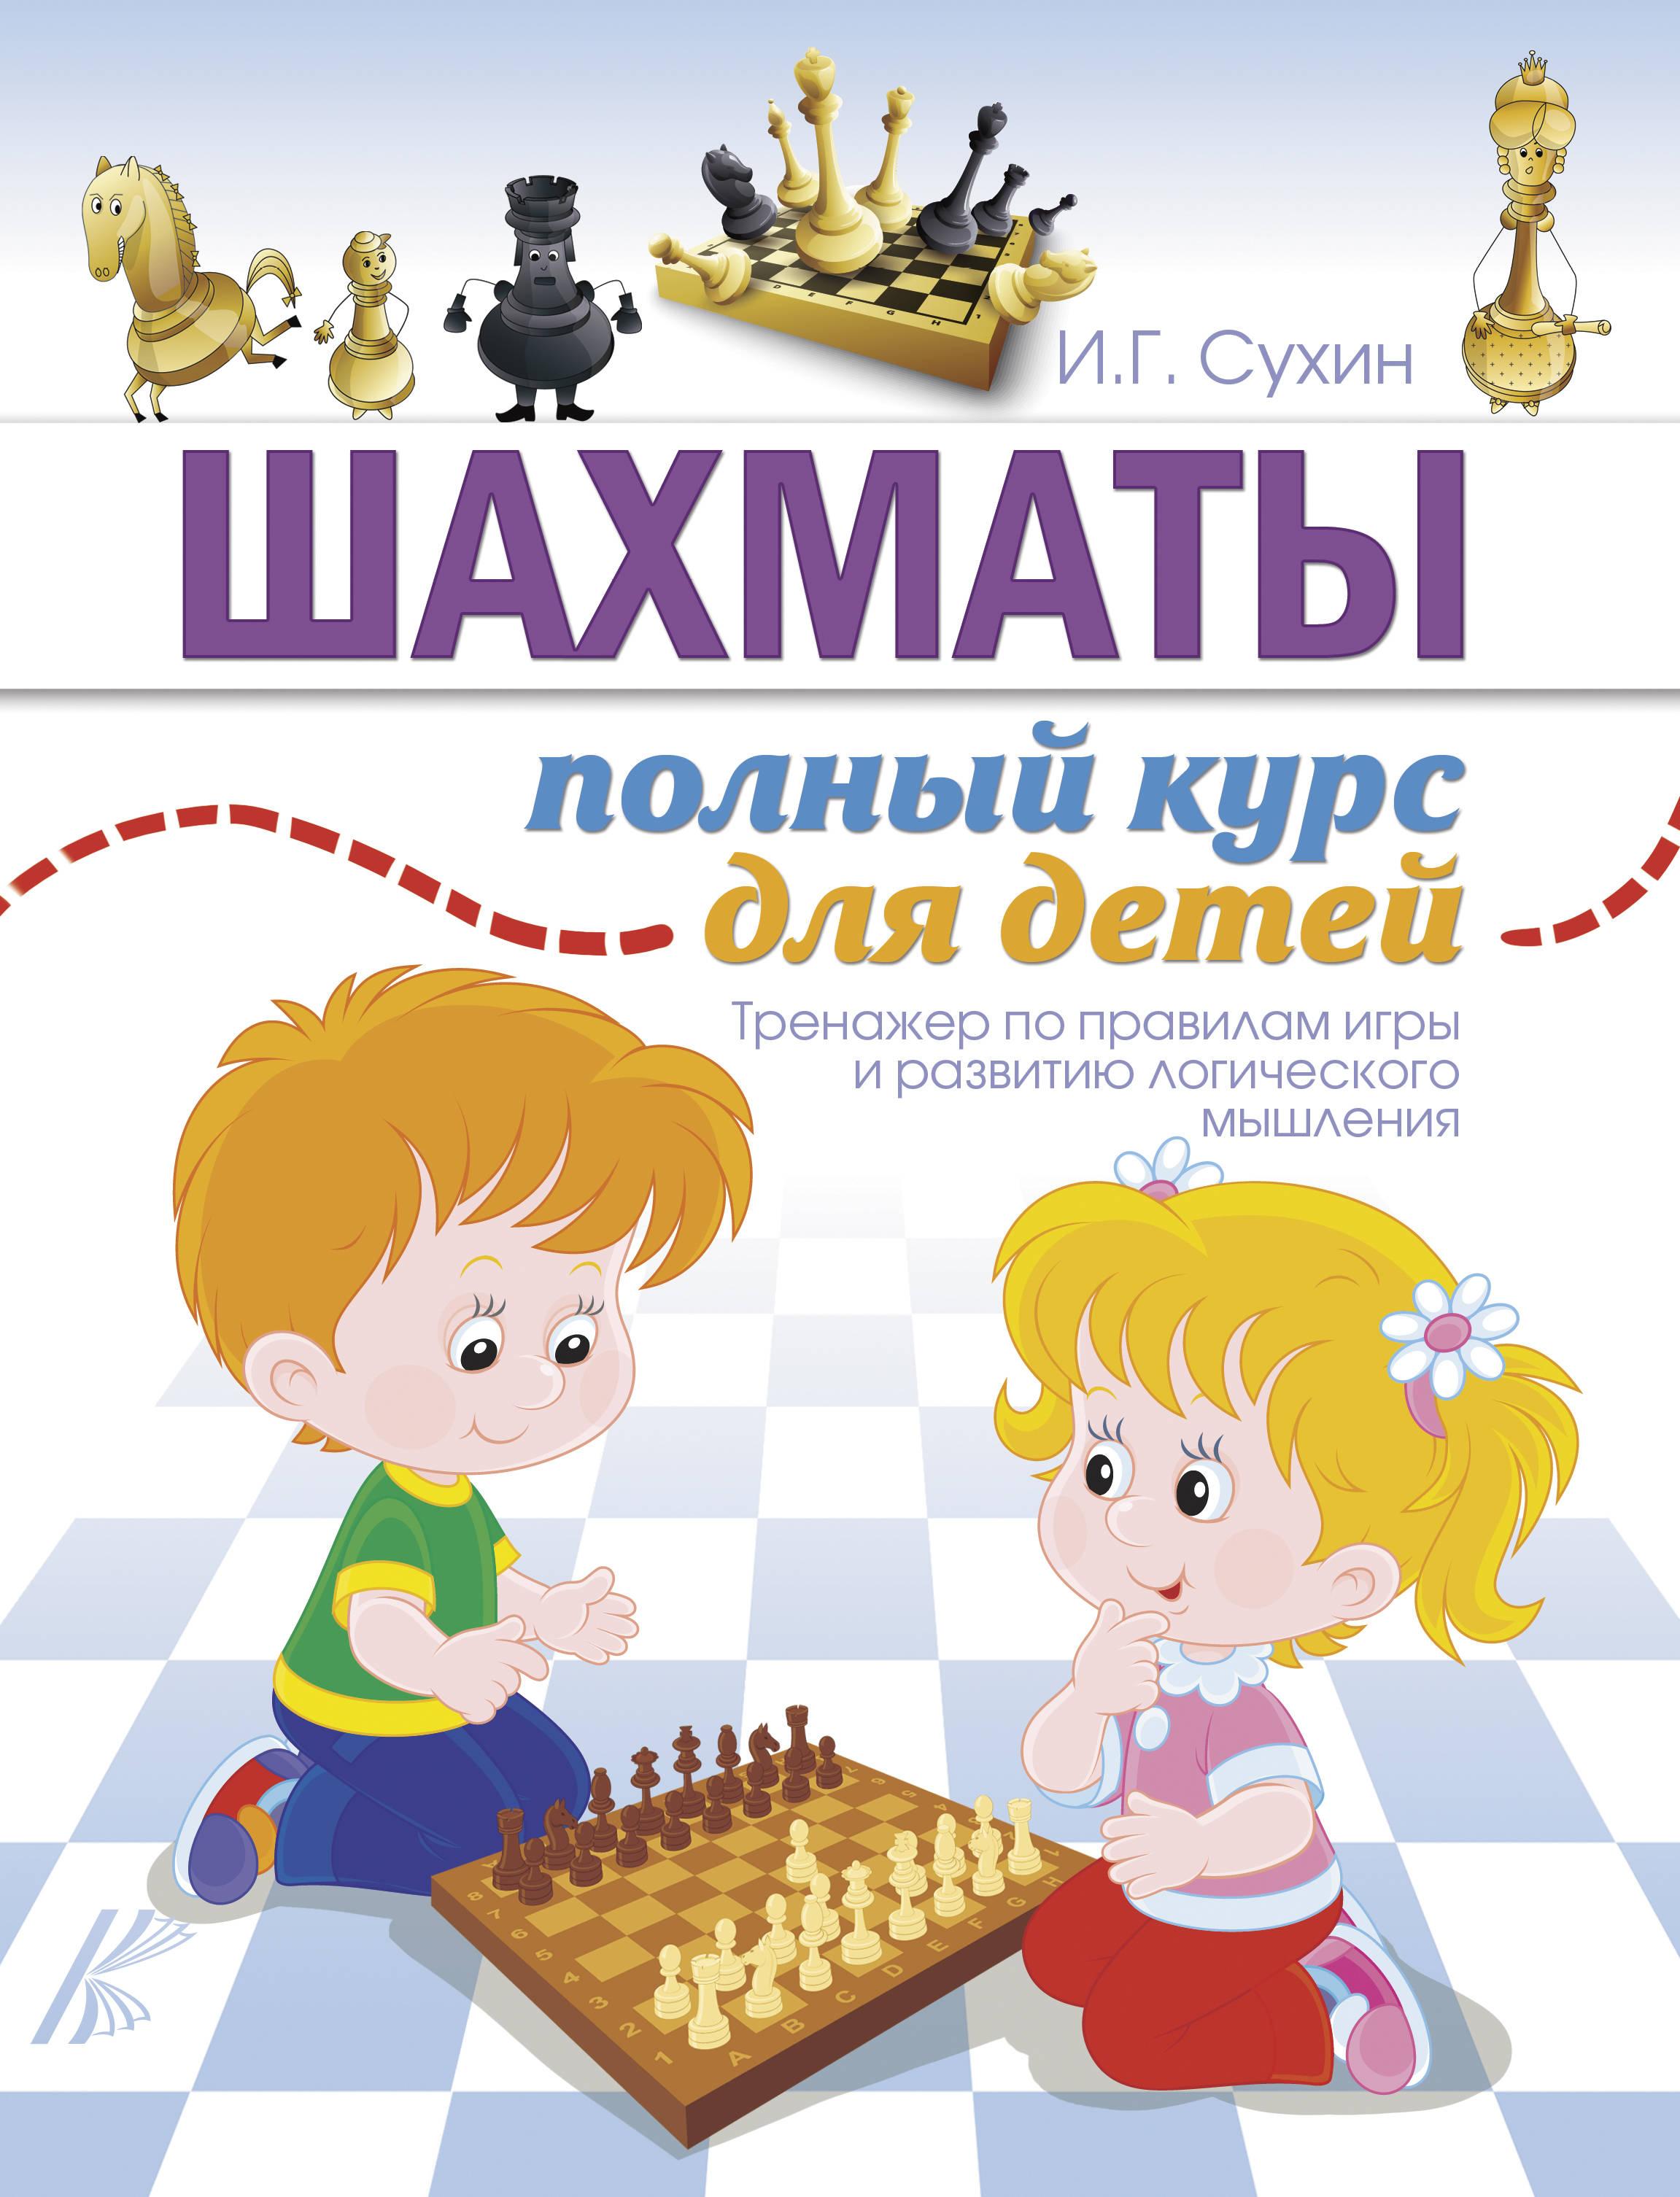 Сухин И.Г. Шахматы. Полный курс для детей жвакин с м научиться играть в шахматы легко пошаговое руководство для детей и родителей